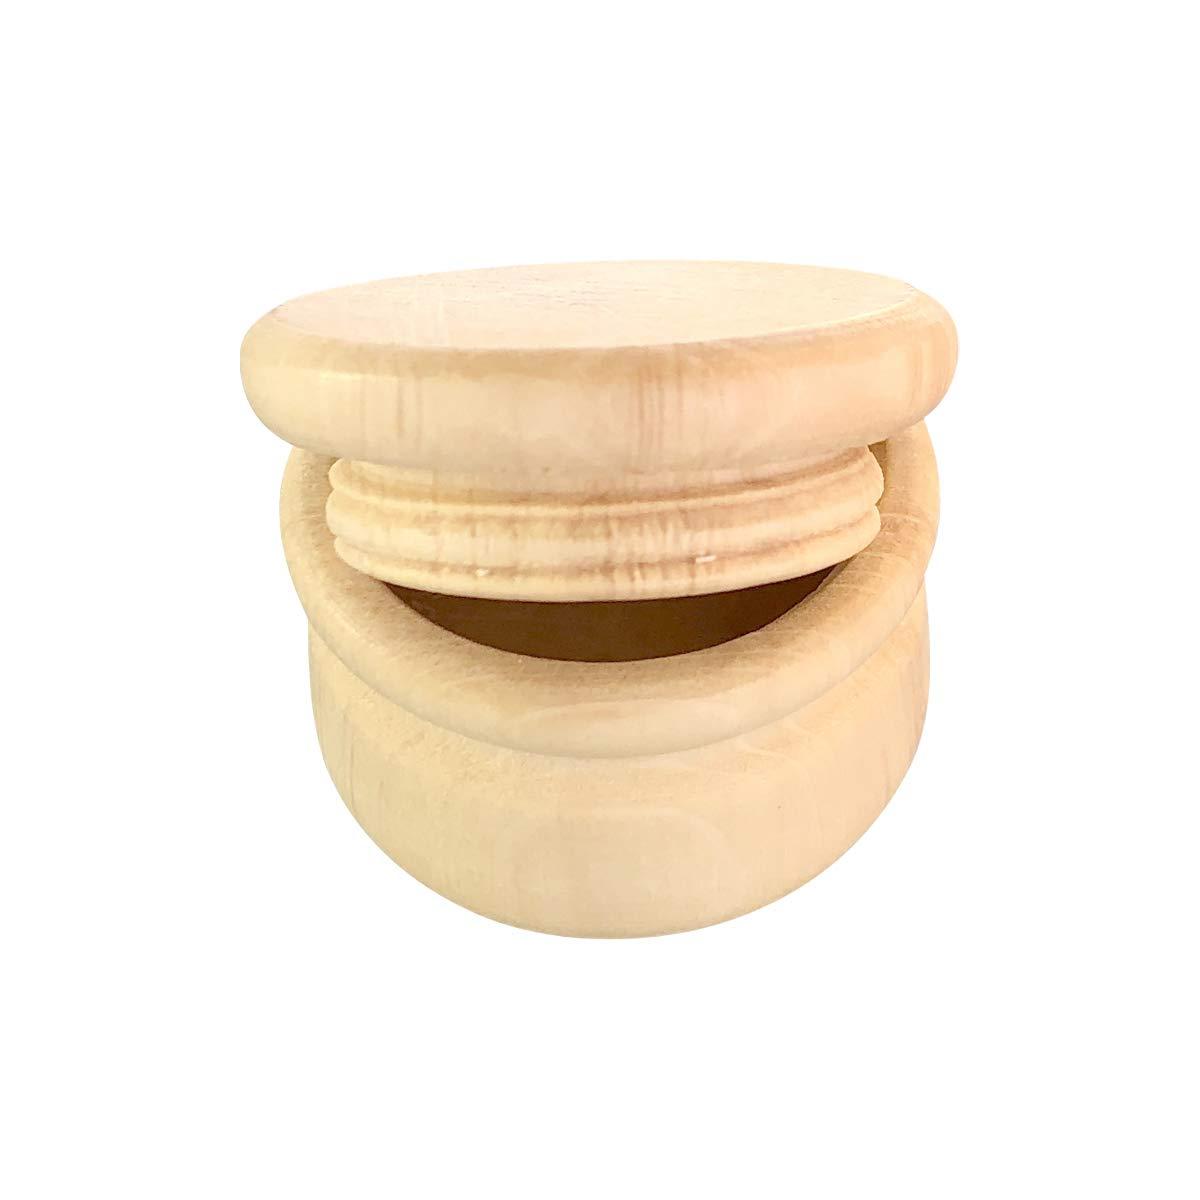 40 Grit 1-1//2 x 1 x 1//4 In Shank Flap Wheel 1 Piece KEEN Abrasives #23406